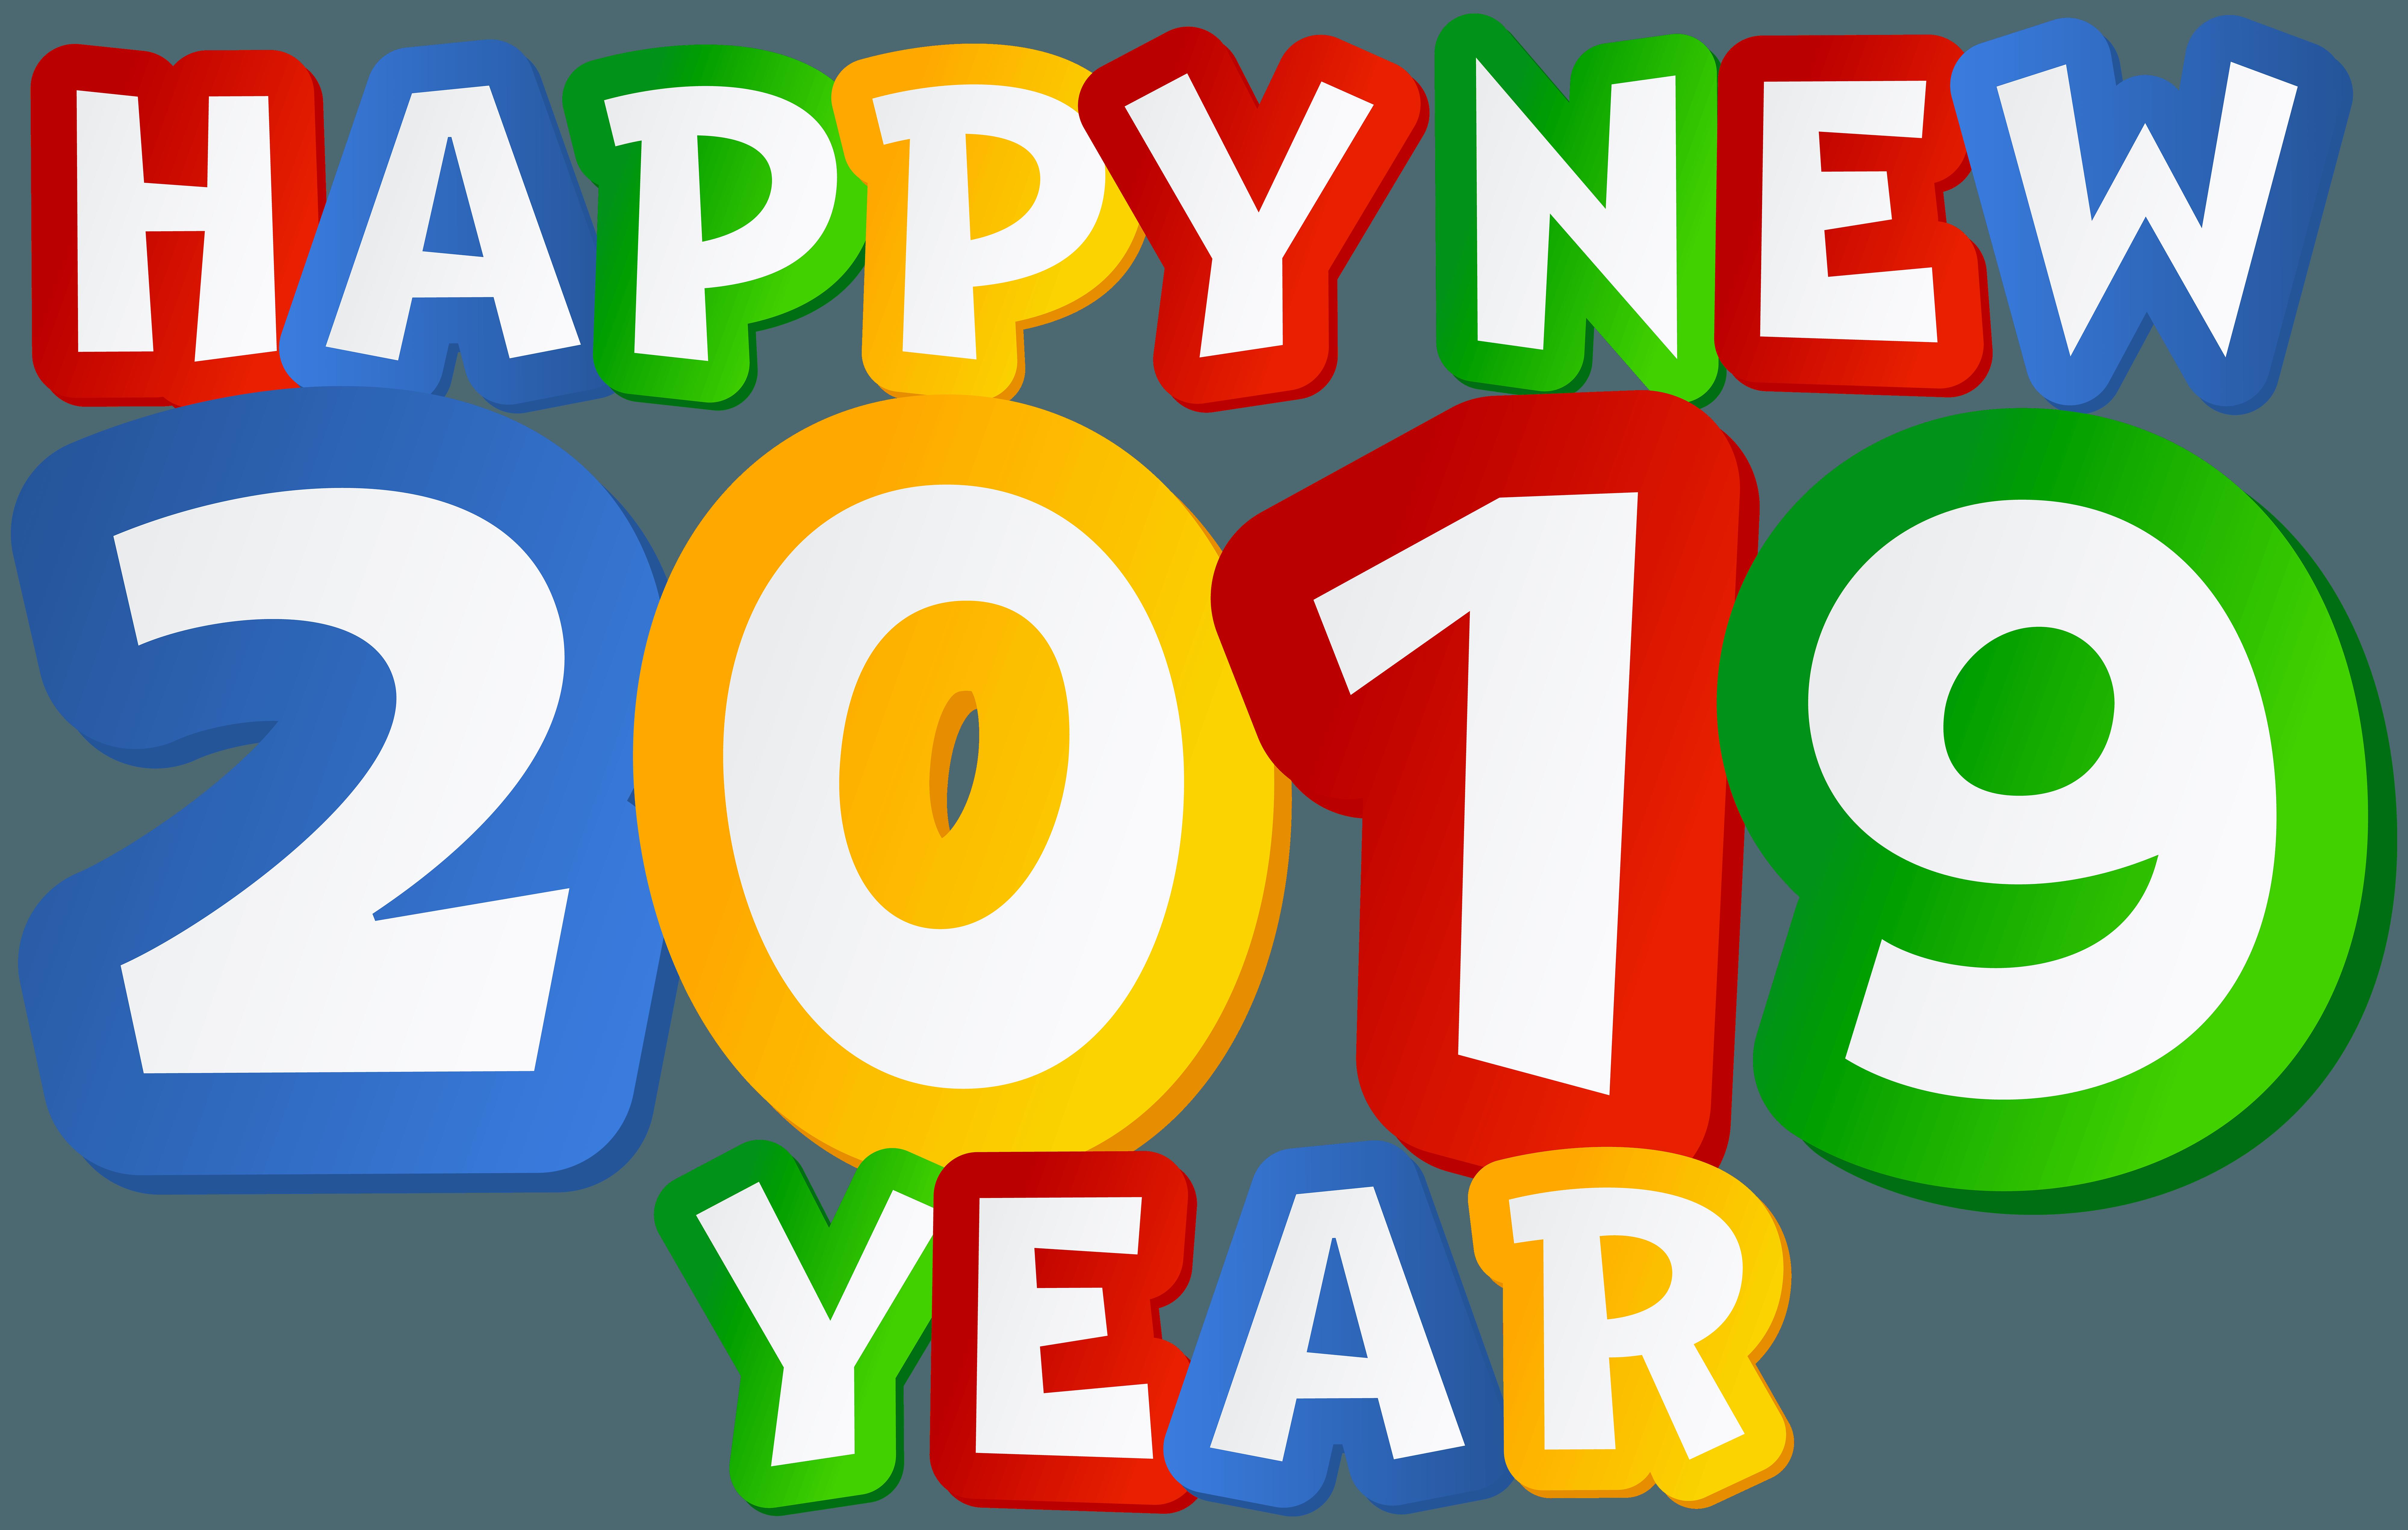 Happy New Year Logo 2019 38